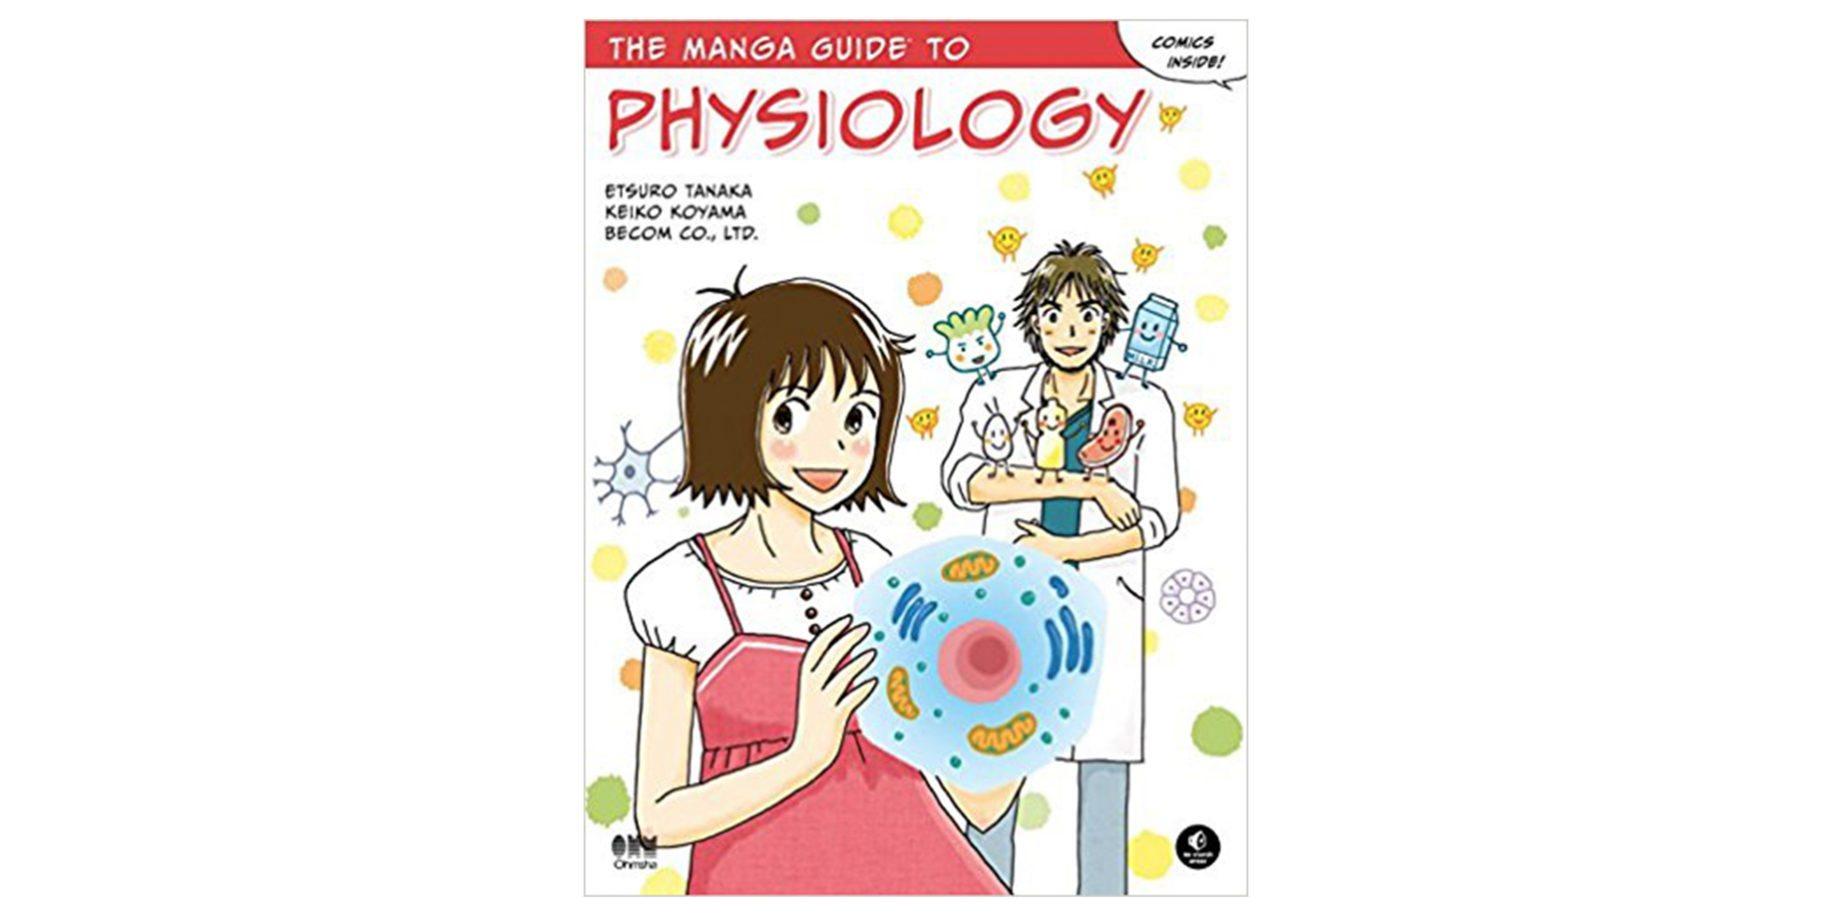 Manga Guides \ Image No Starch Press